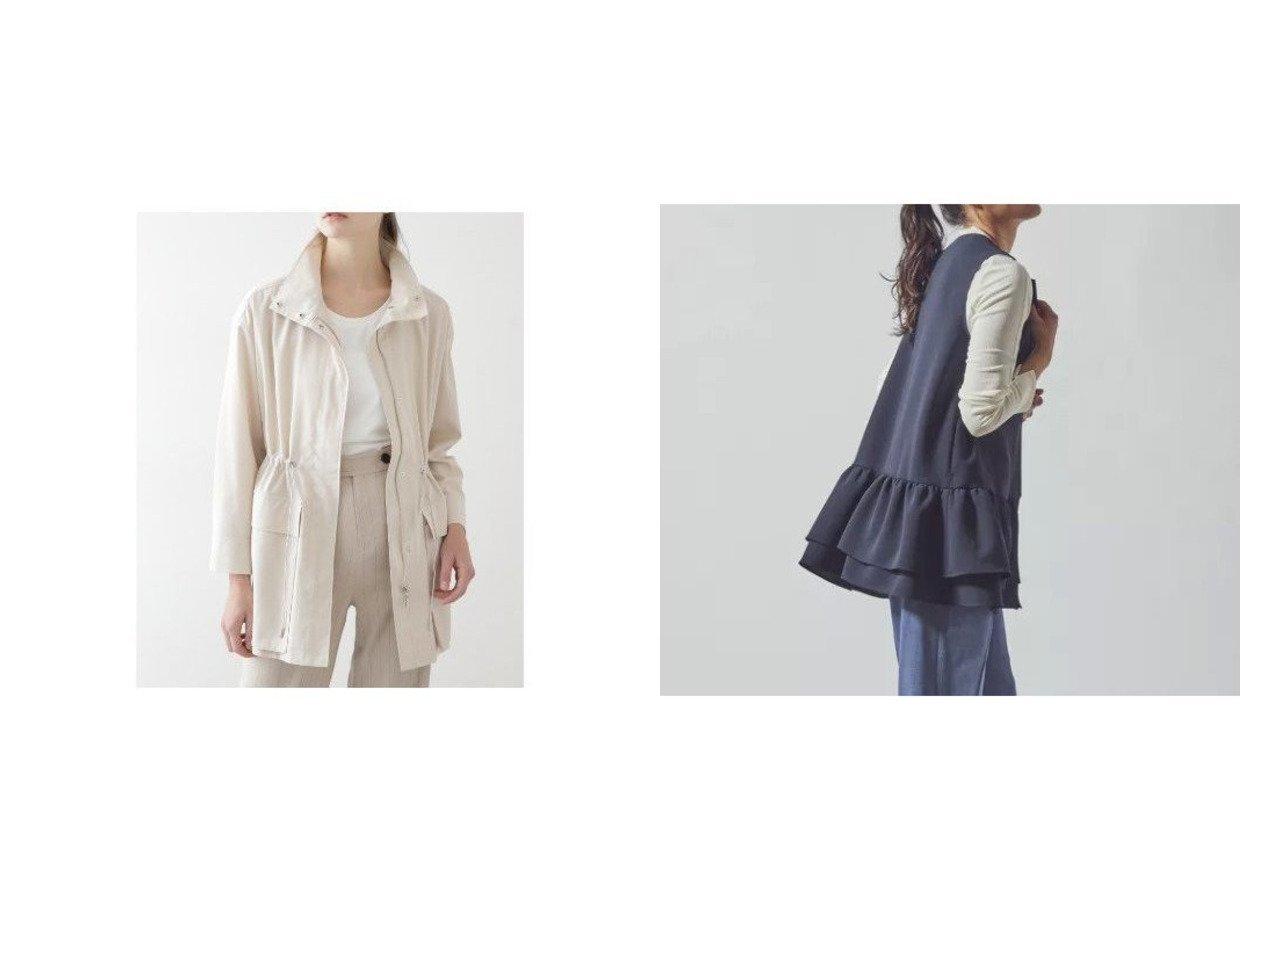 【Viaggio Blu/ビアッジョブルー】のダブルフリル使いロングジレ&【BOSCH/ボッシュ】のミドル丈ブルゾン 【アウター】おすすめ!人気、トレンド・レディースファッションの通販 おすすめで人気の流行・トレンド、ファッションの通販商品 メンズファッション・キッズファッション・インテリア・家具・レディースファッション・服の通販 founy(ファニー) https://founy.com/ ファッション Fashion レディースファッション WOMEN アウター Coat Outerwear トップス・カットソー Tops/Tshirt ベスト/ジレ Gilets/Vests ジャケット Jackets ブルゾン Blouson/Jackets シンプル ダブル フリル ロング ジャケット スタンダード ツイル パッチ ブルゾン ポケット ミドル ワイド |ID:crp329100000027632